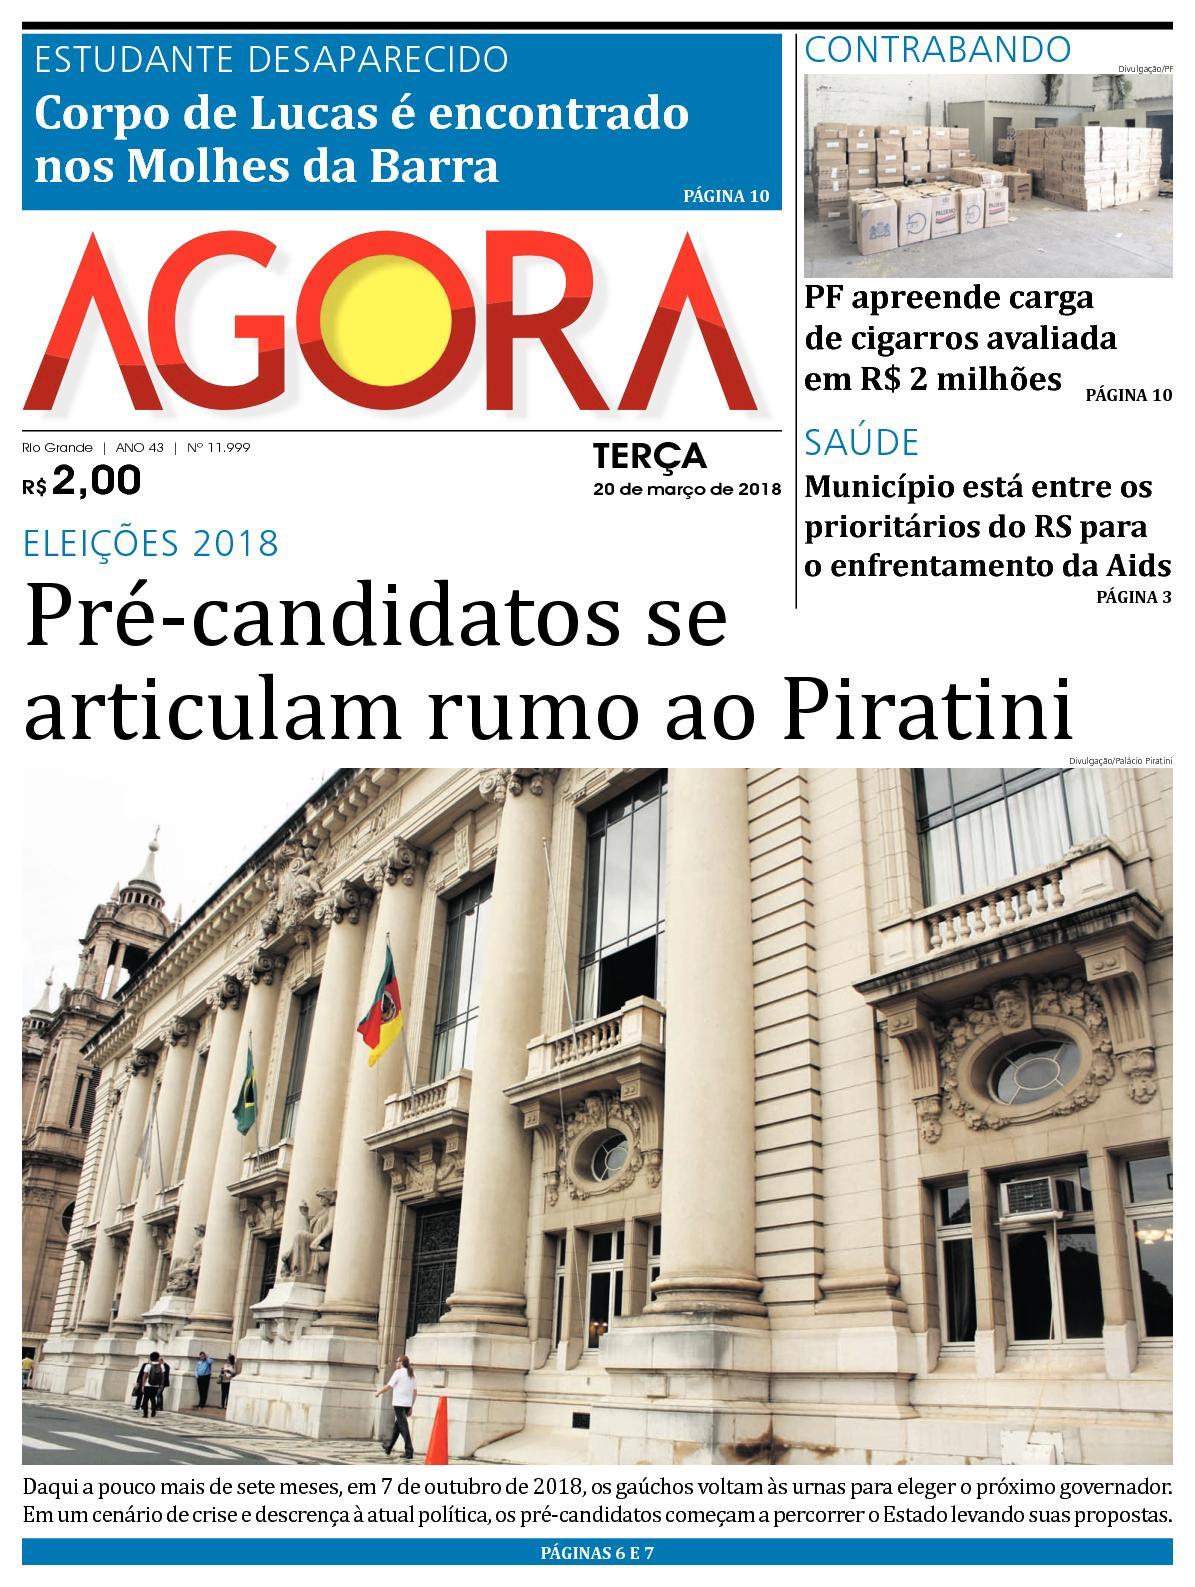 Calaméo - Jornal Agora - Edição 11999 - 20 de Março de 2018 2738f11010